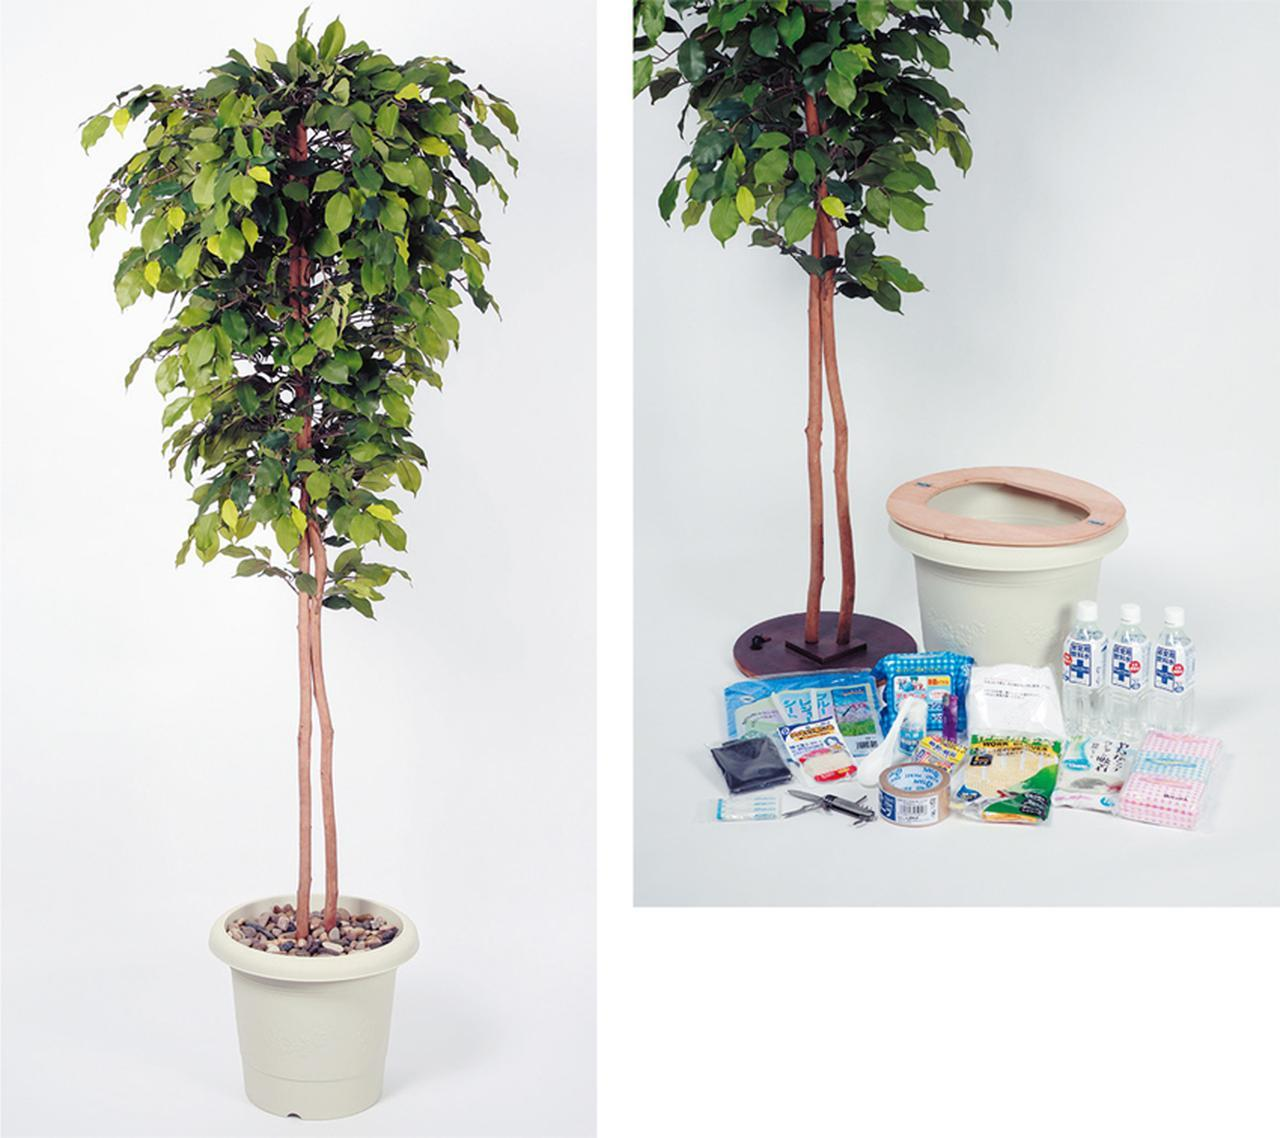 画像: TG-011はベンジャミンの植木型の人口樹木。光触媒加工が施され、消臭・抗菌などの効果もある。